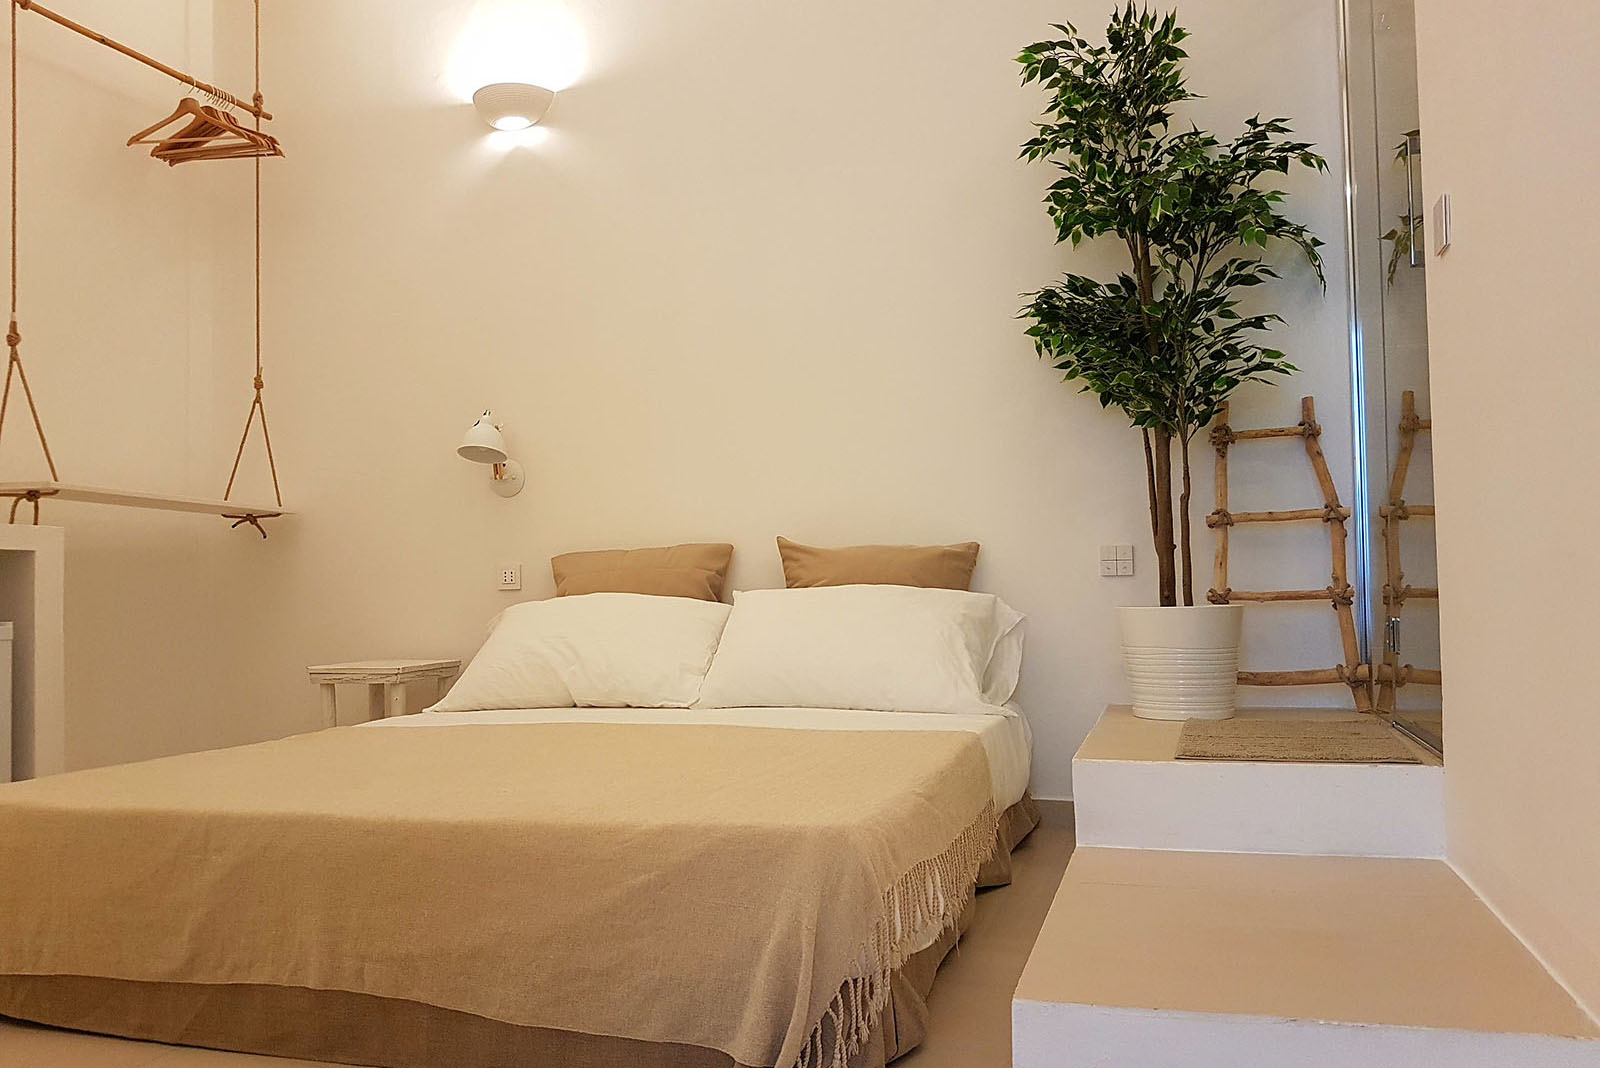 1 bed and breakfast agropoli progettazione architettonica domotica salerno break for two mare nest room 4-1 b&b